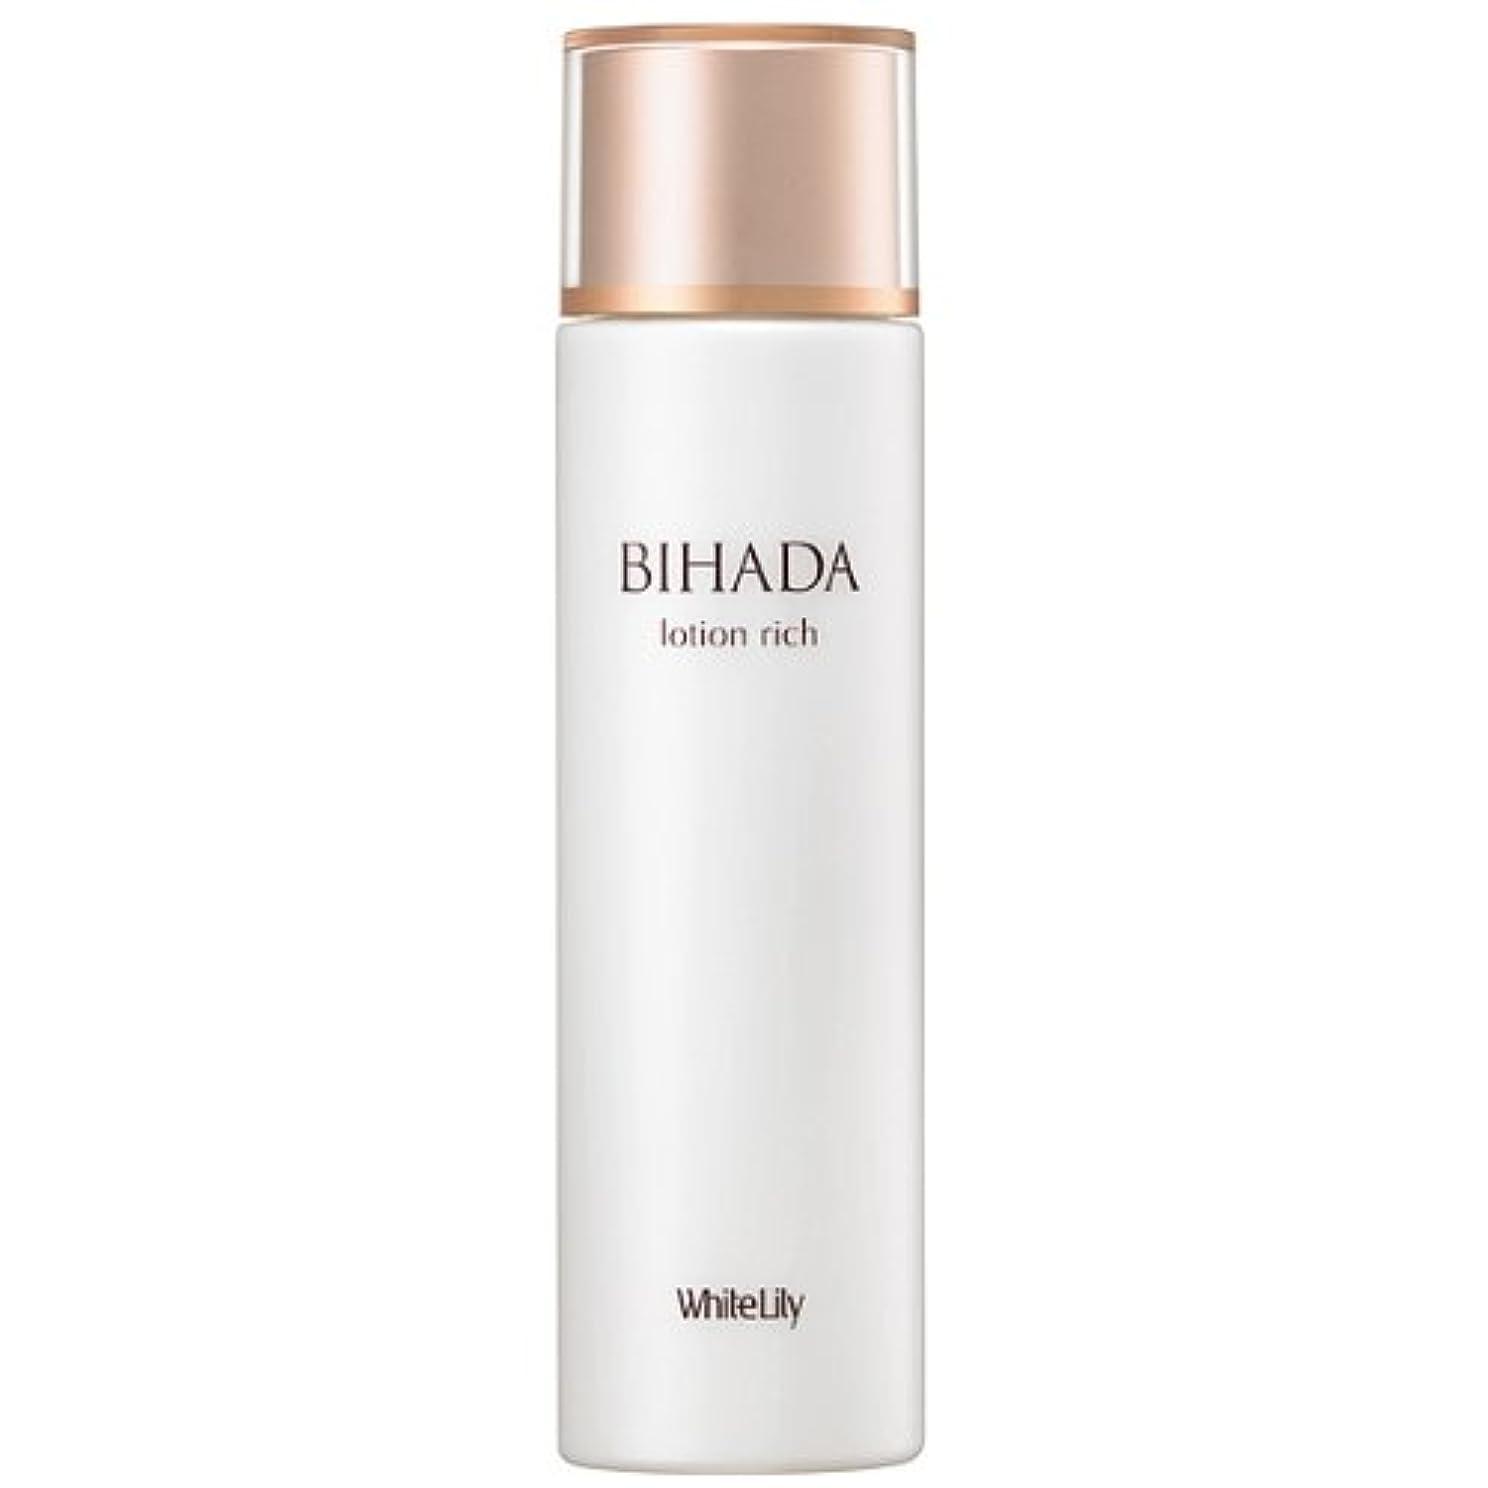 トレイ海軍生物学ホワイトリリー BIHADAローションリッチ 155mL 化粧水